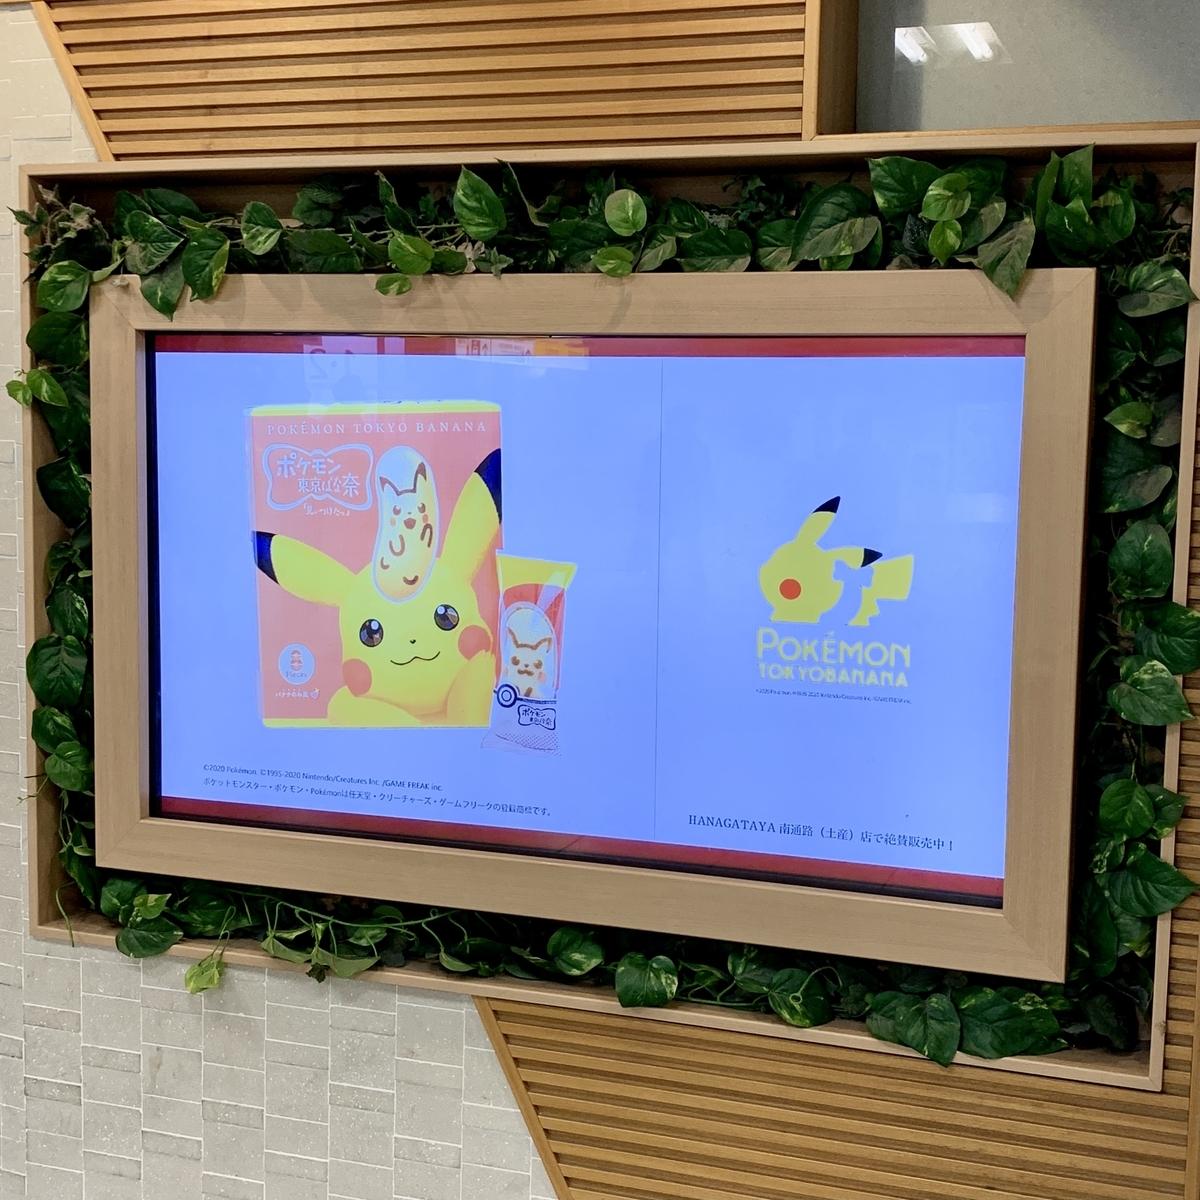 f:id:pikachu_pcn:20210115212840j:plain